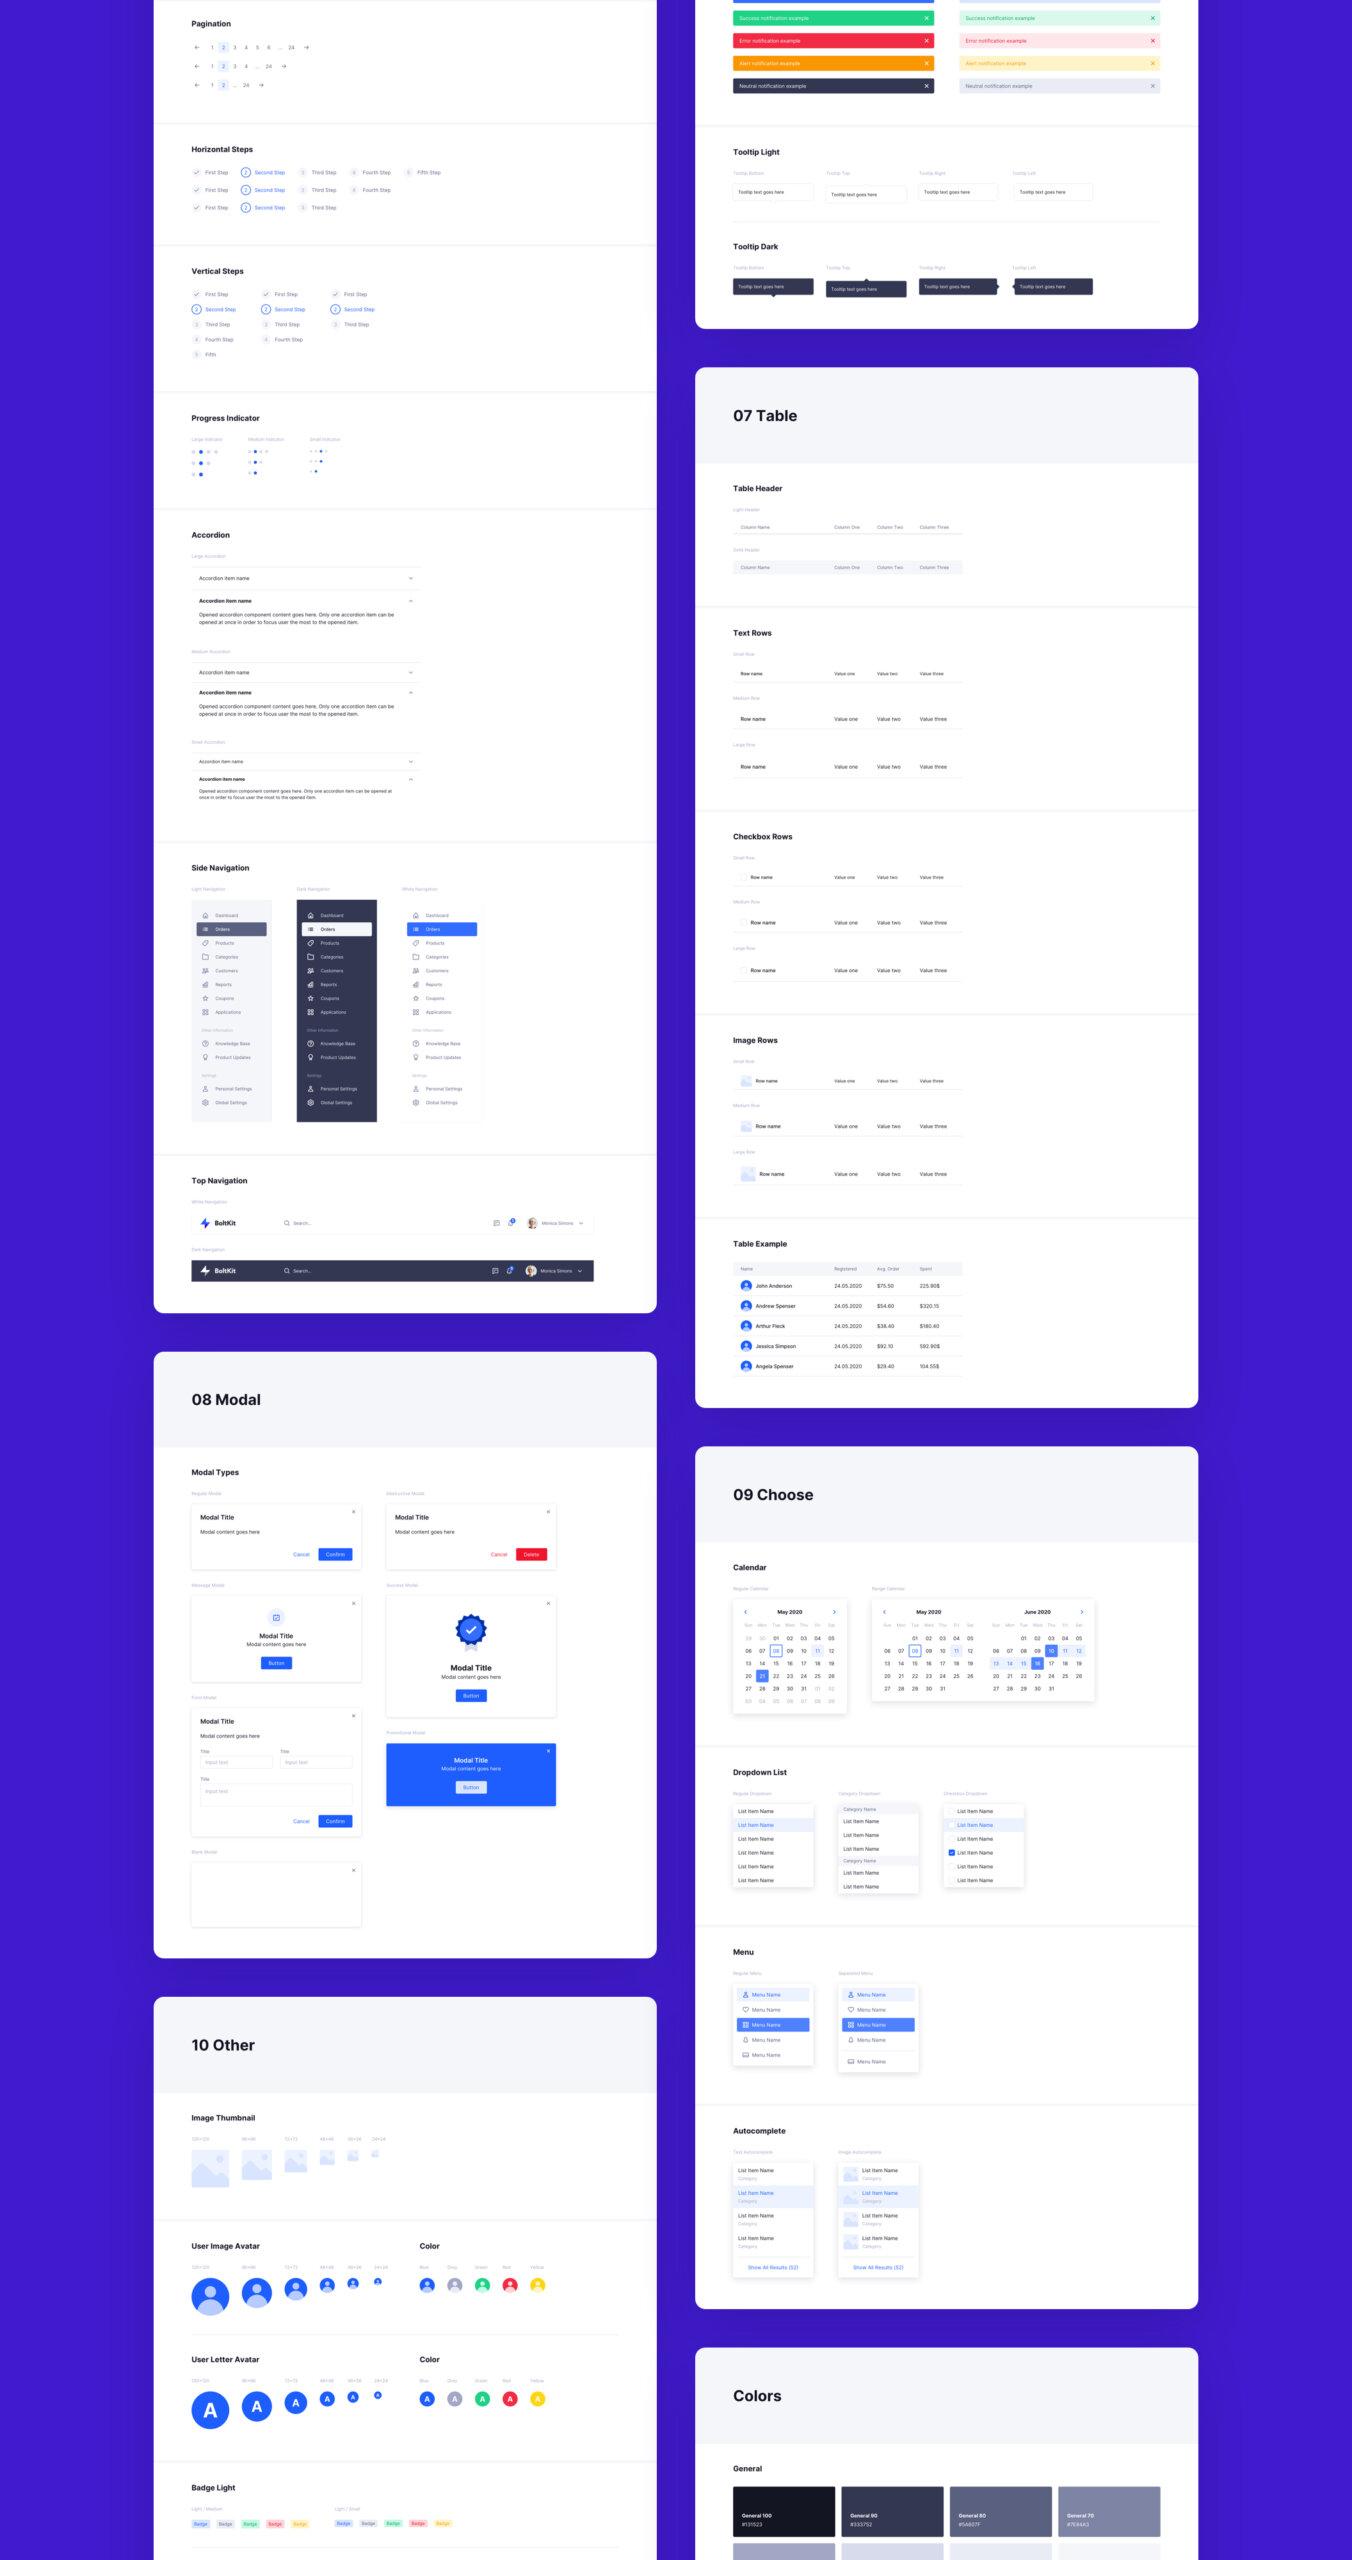 后台管理系统模版素材/中台管理系统模版素材Bolt UI Kit & Design Library插图(6)